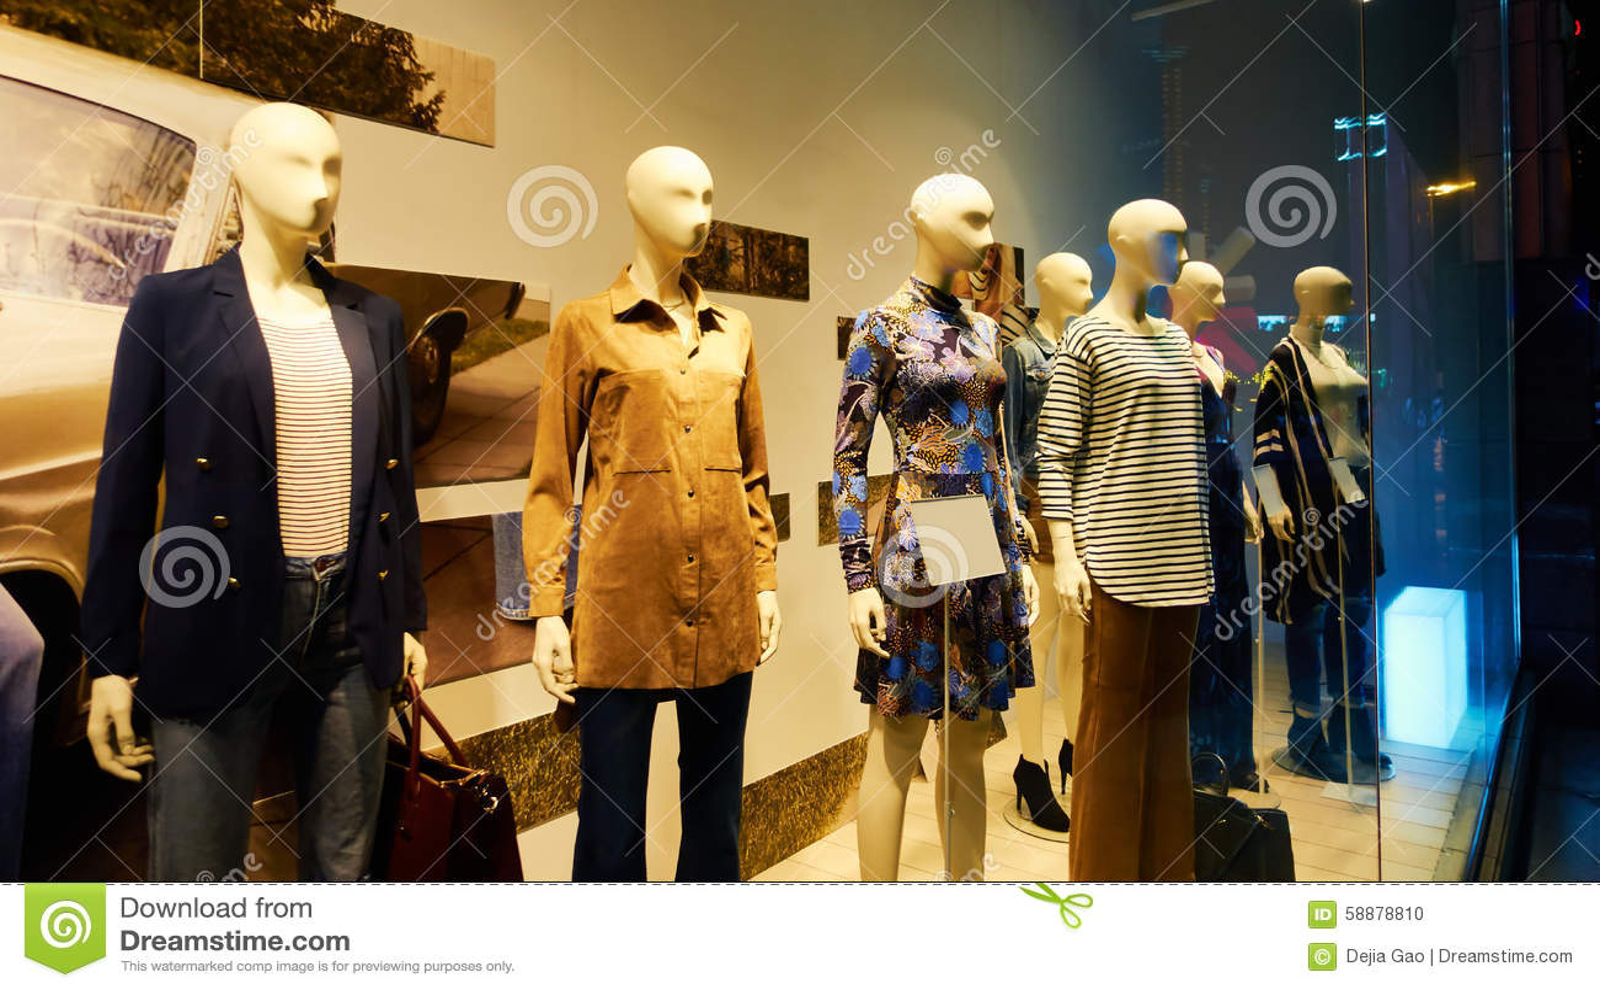 a1128af7bc5a Maniquí En Exhibición De La Tienda De La Ventana De La Tienda De La ...